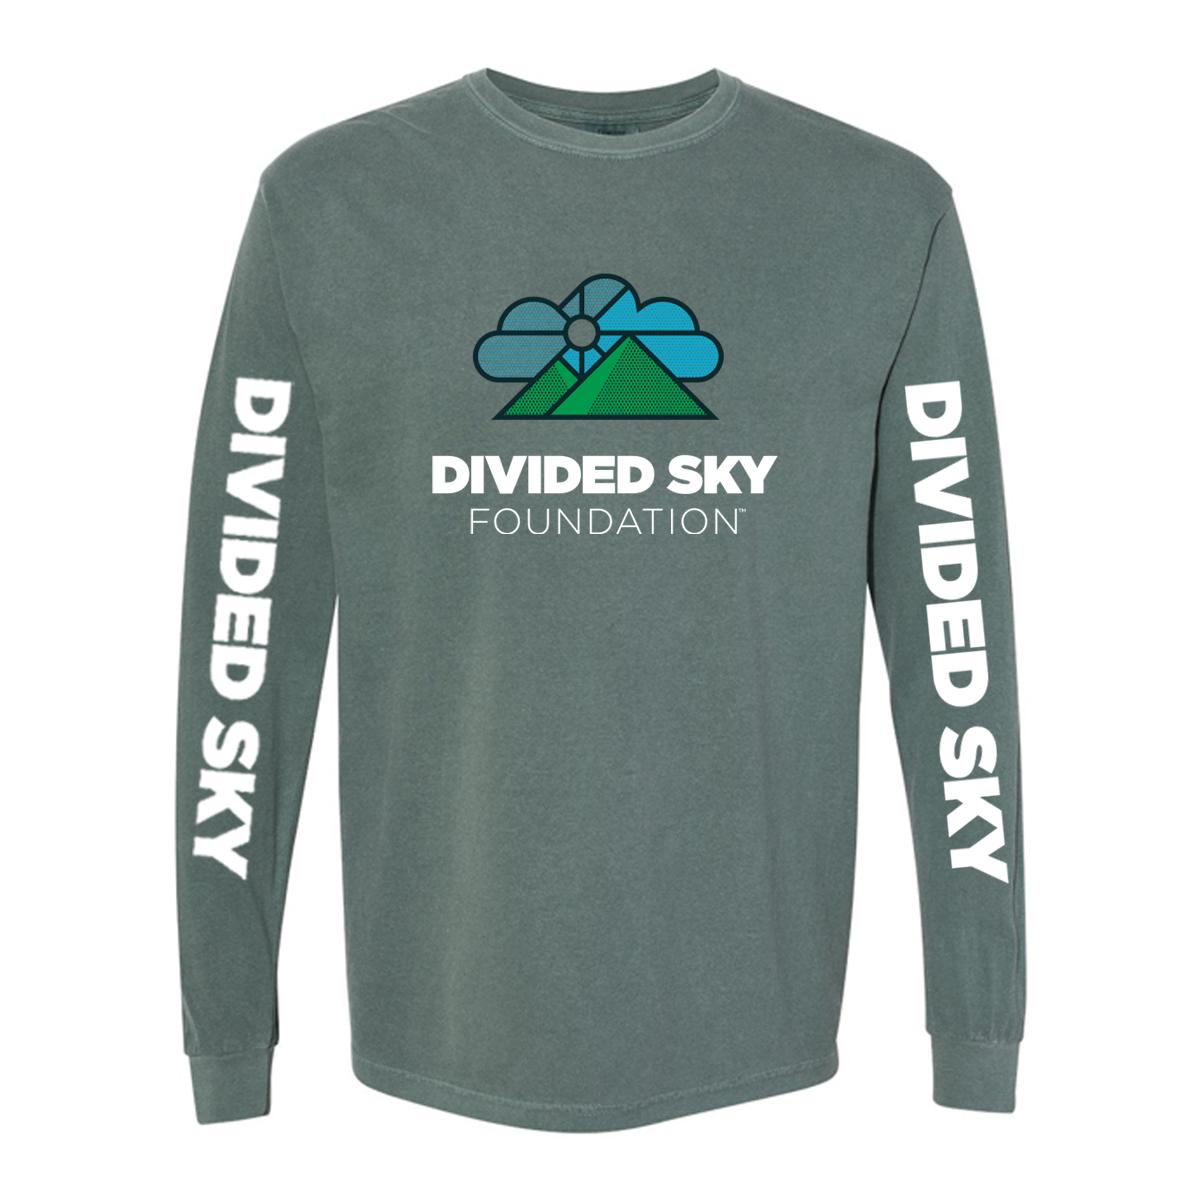 Divided Sky Foundation Longsleeve Tee